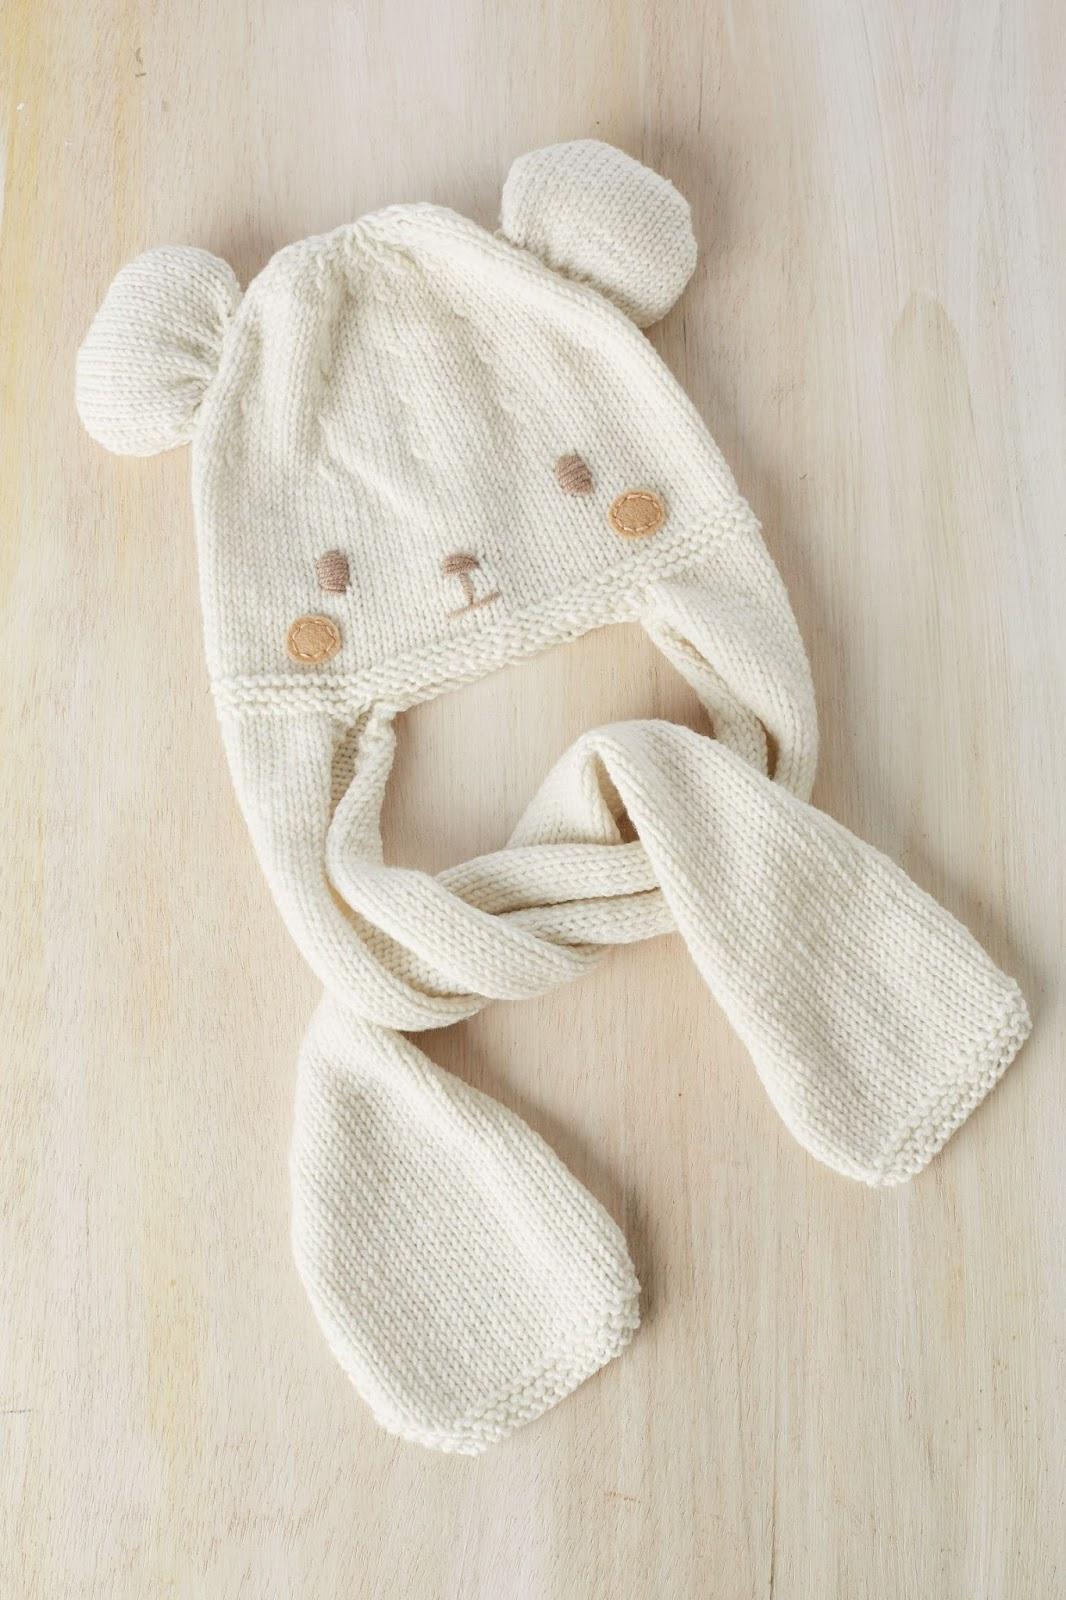 Woolly es la mejor lana para tricot y ganchillo. Es 100% lana merino  proveniente de las mejores ovejas merinas de Australia. Es una lana de alta  calidad y ... 7bcd5a10ee1